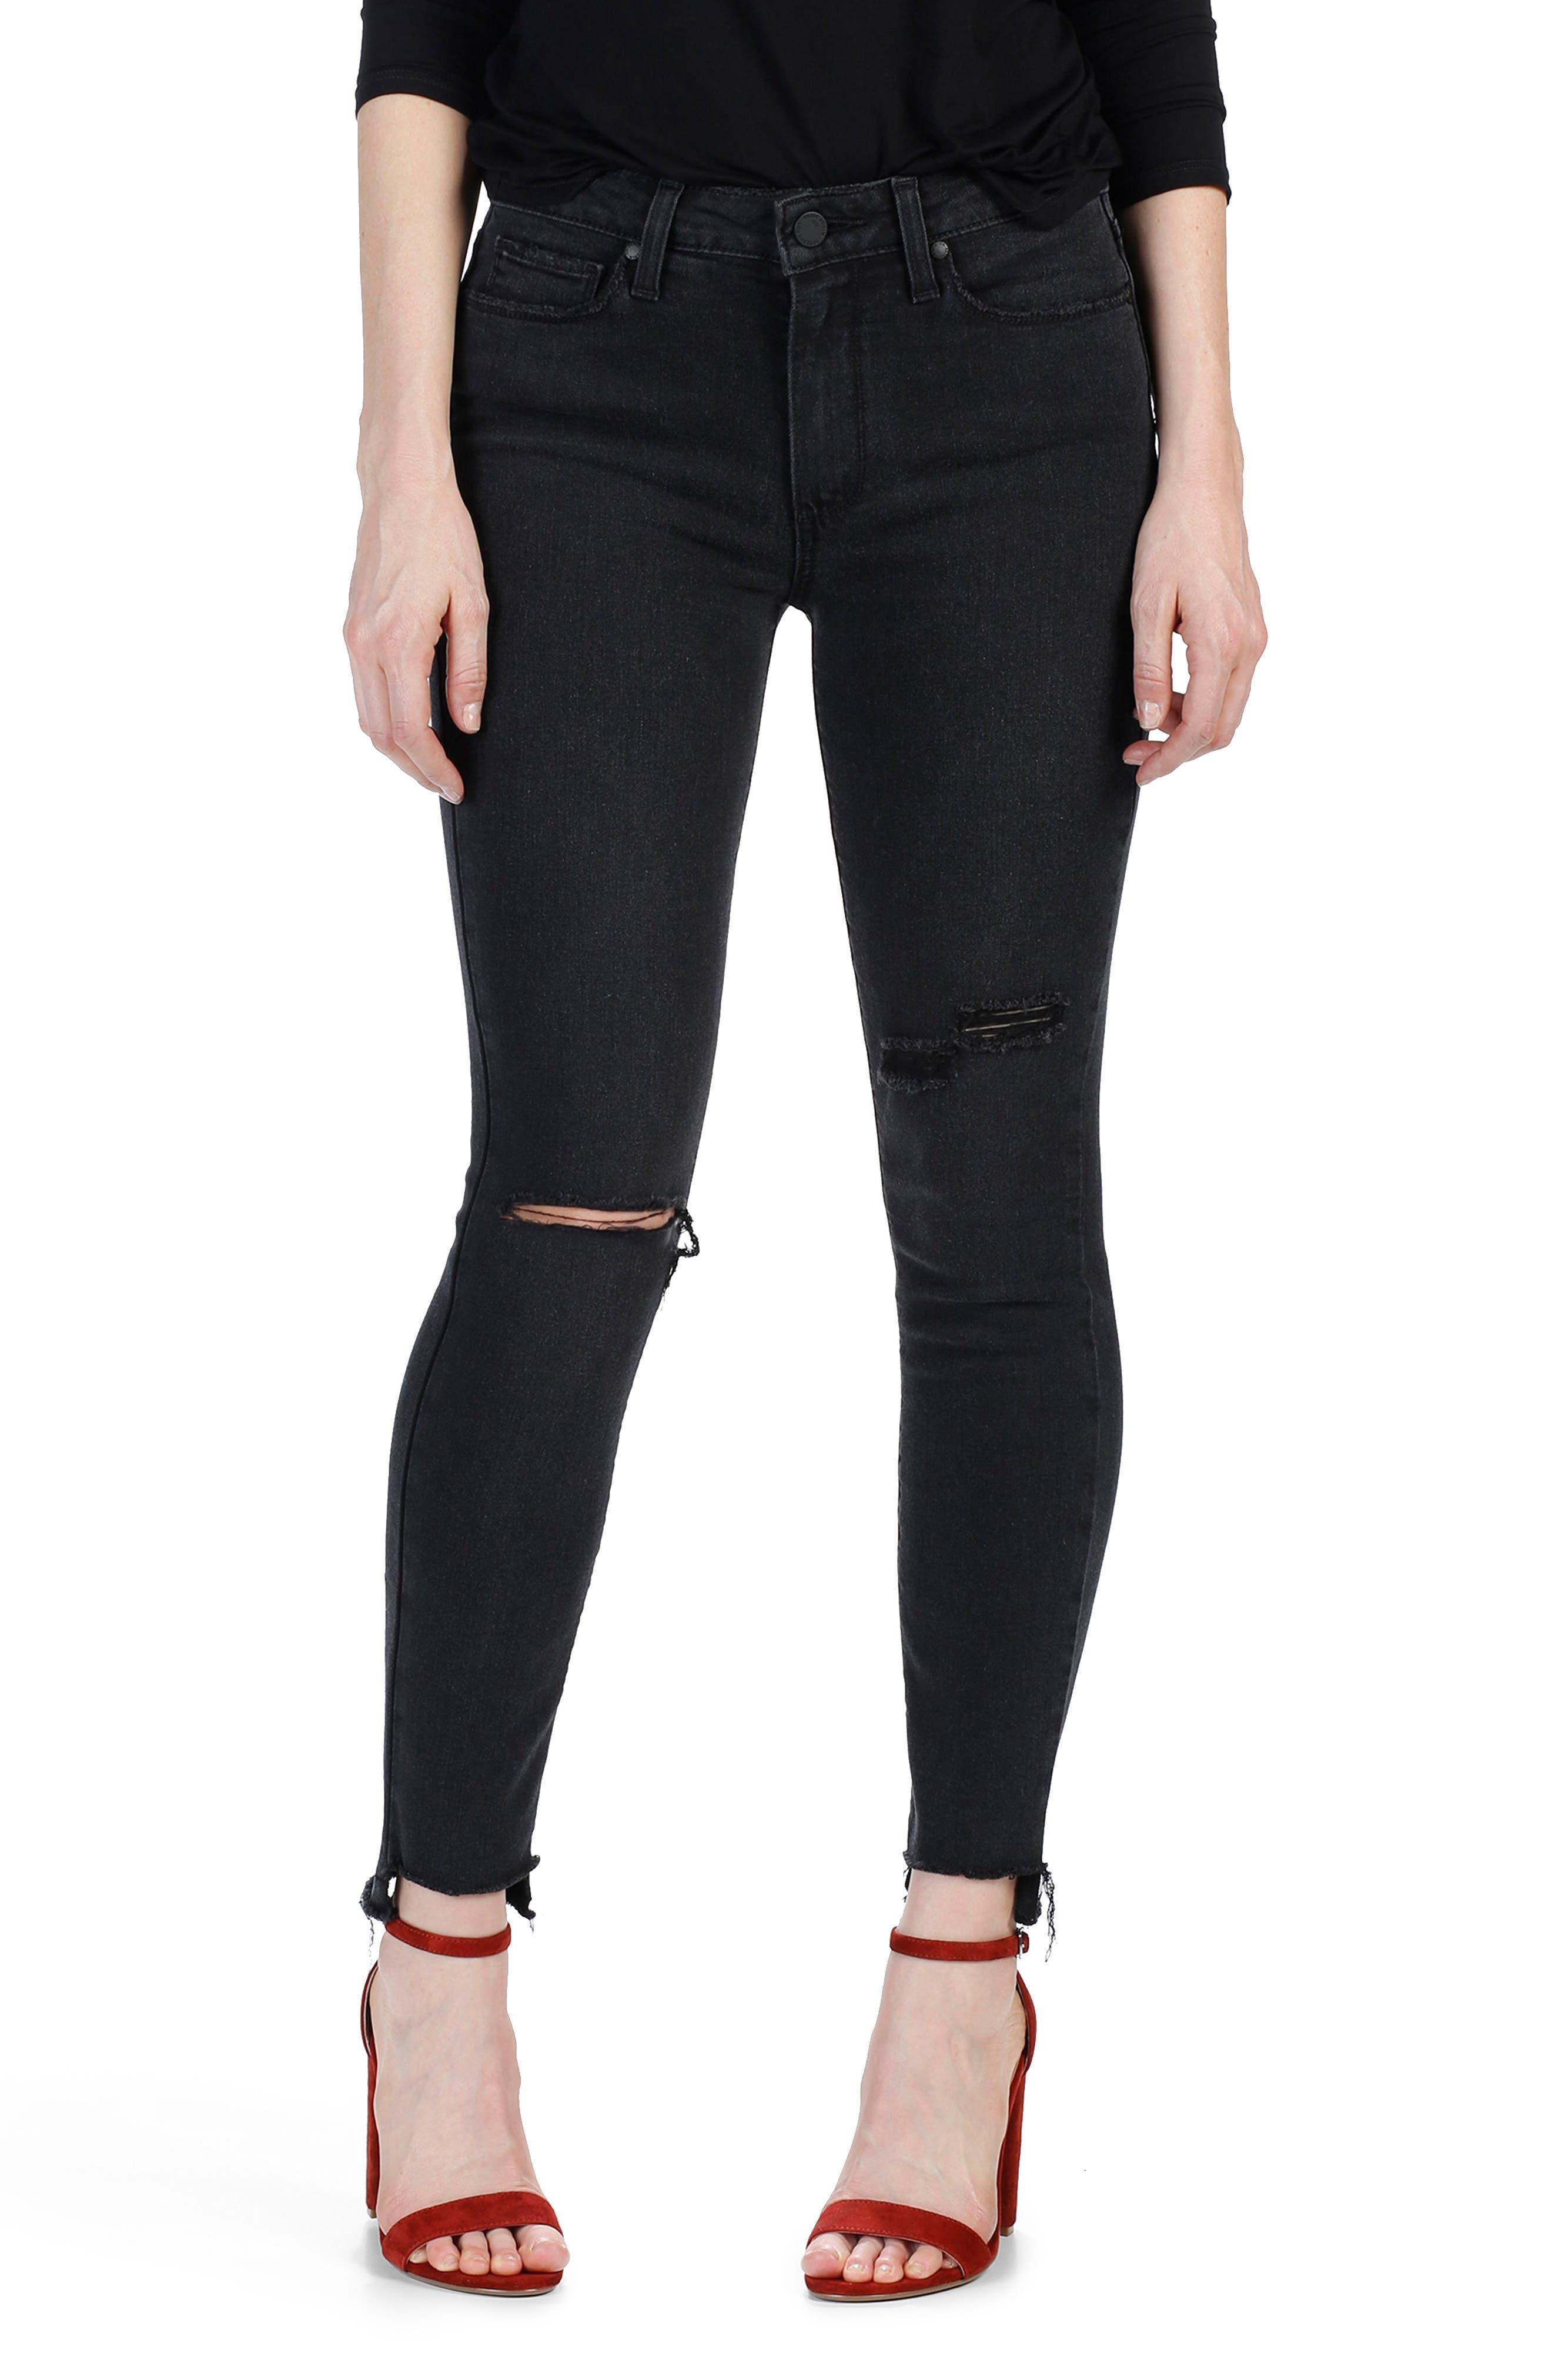 PAIGE Transcend - Hoxton Step Hem Ultra Skinny Jeans